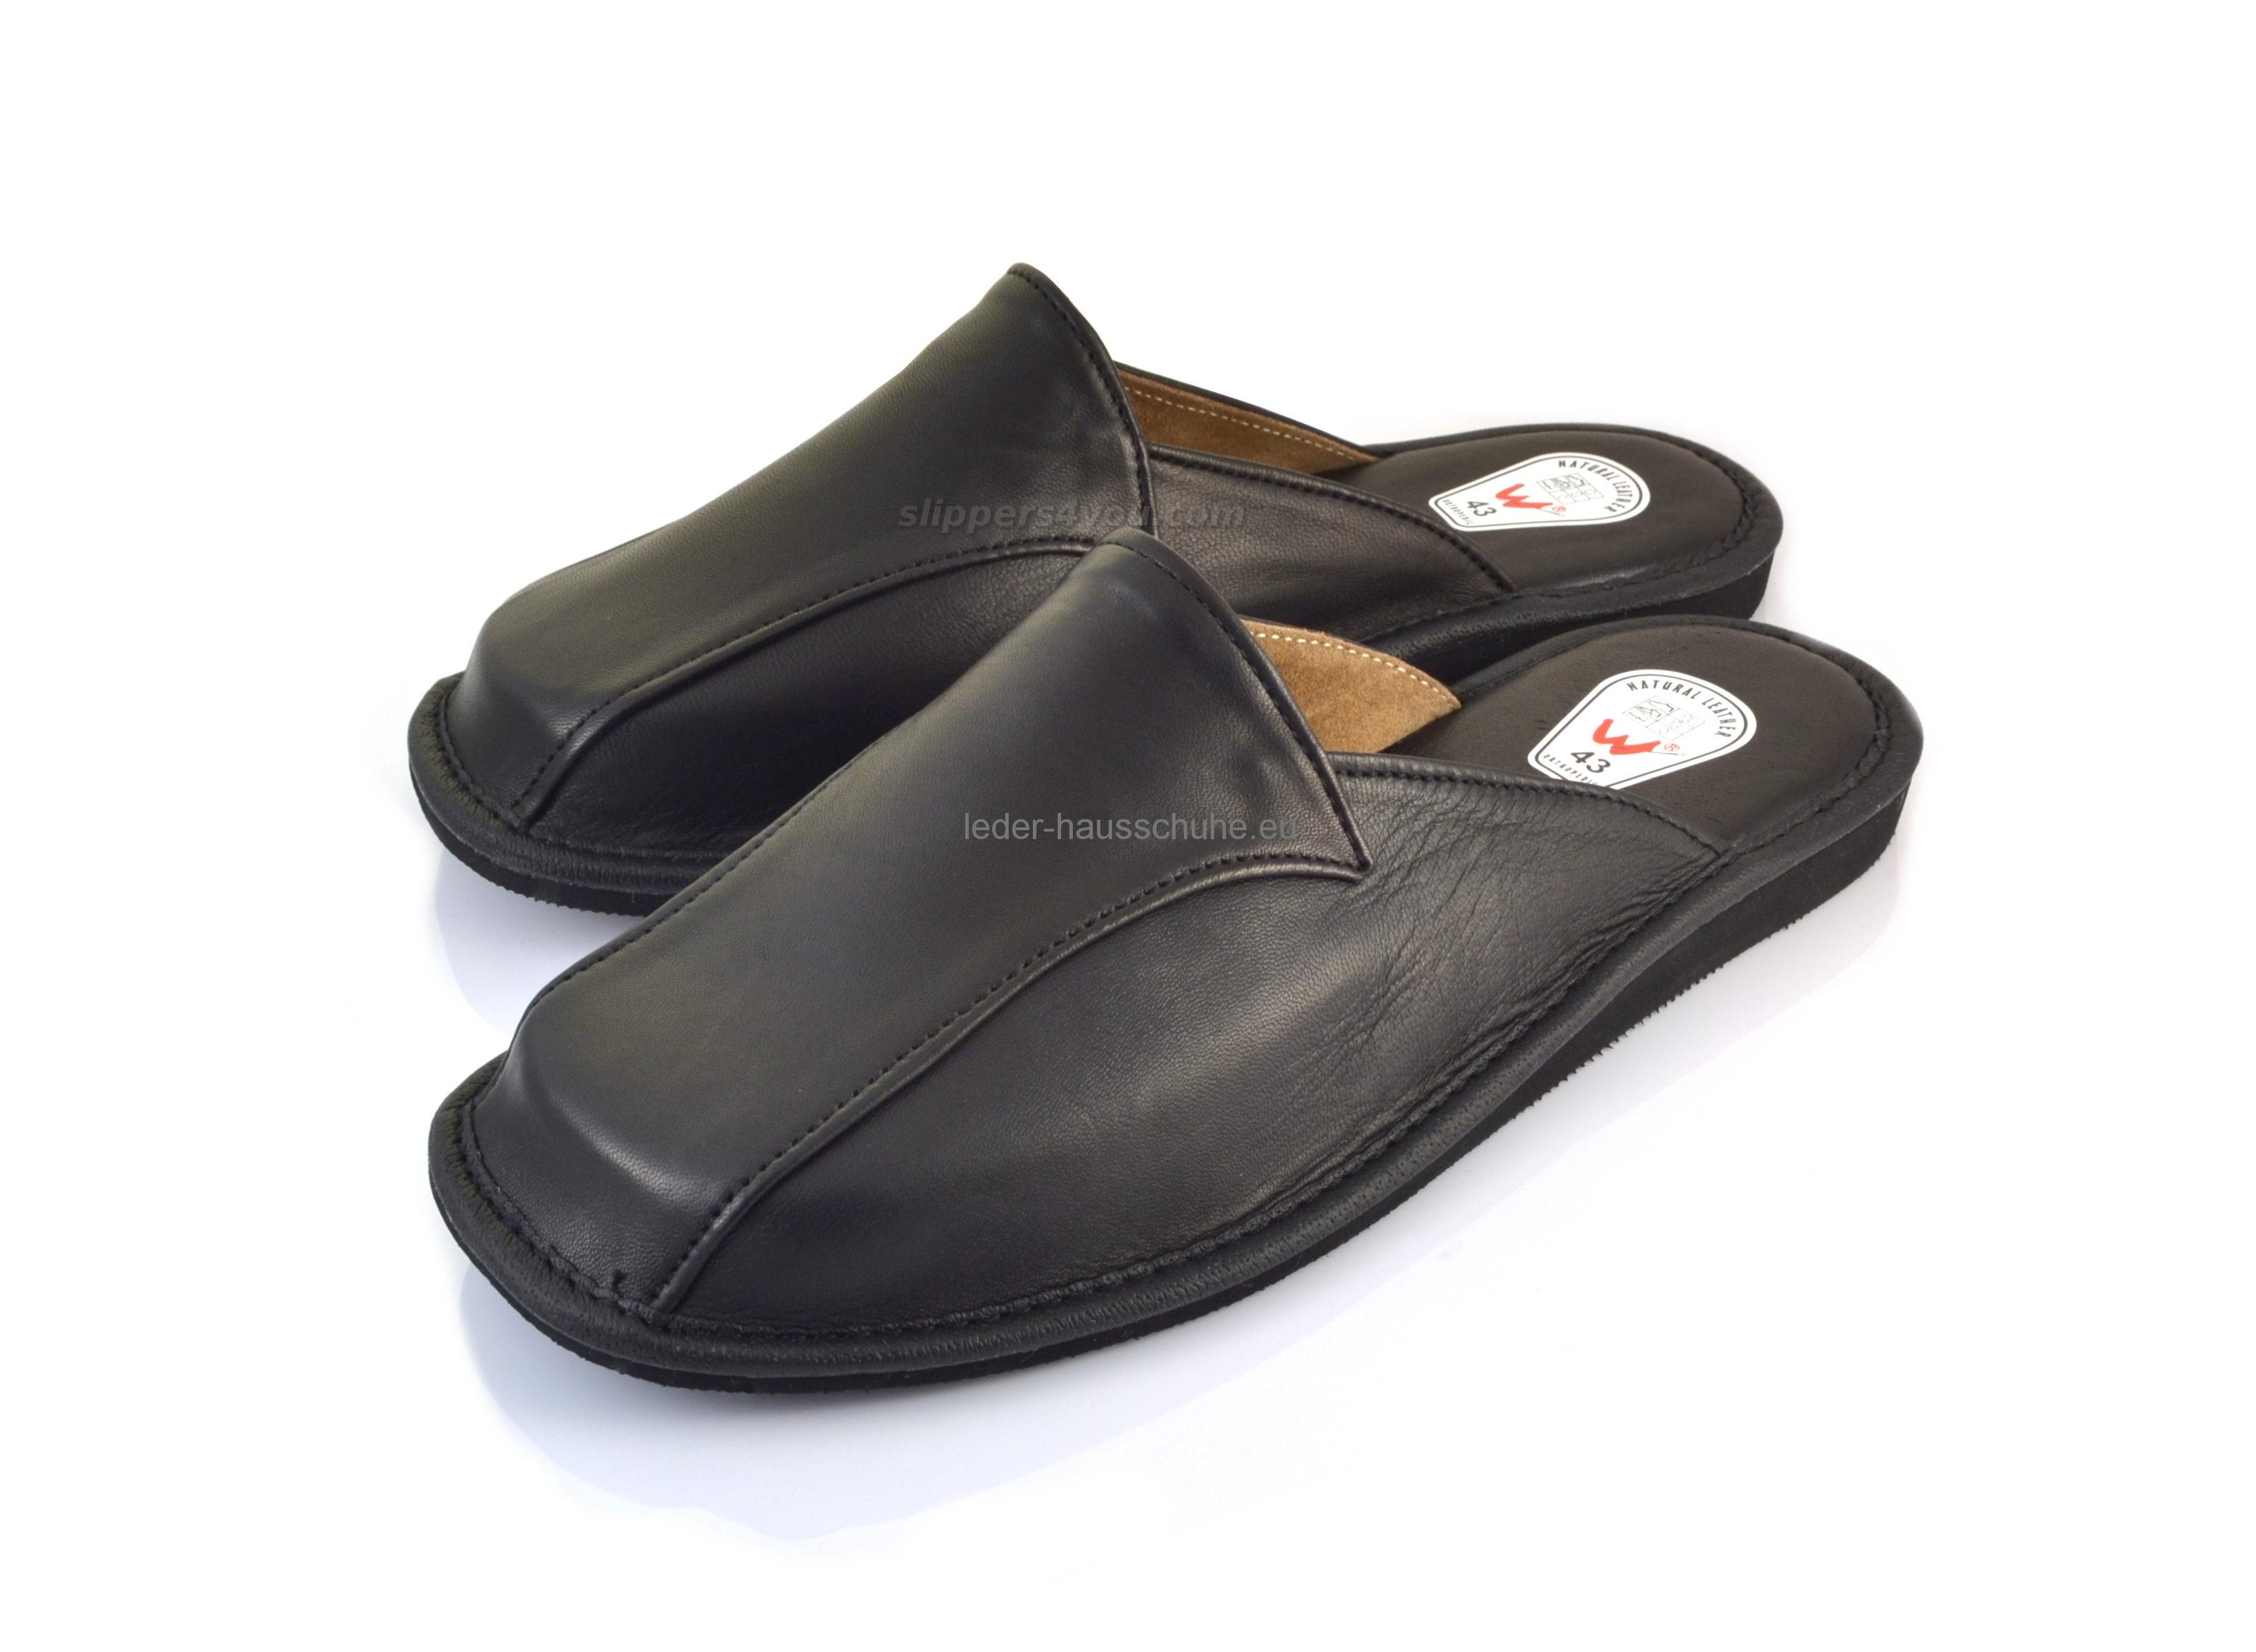 promo code 412de f2dd5 EXKLUSIVE Damen Pantoffeln - Hausschuhe aus Leder (173-pd)